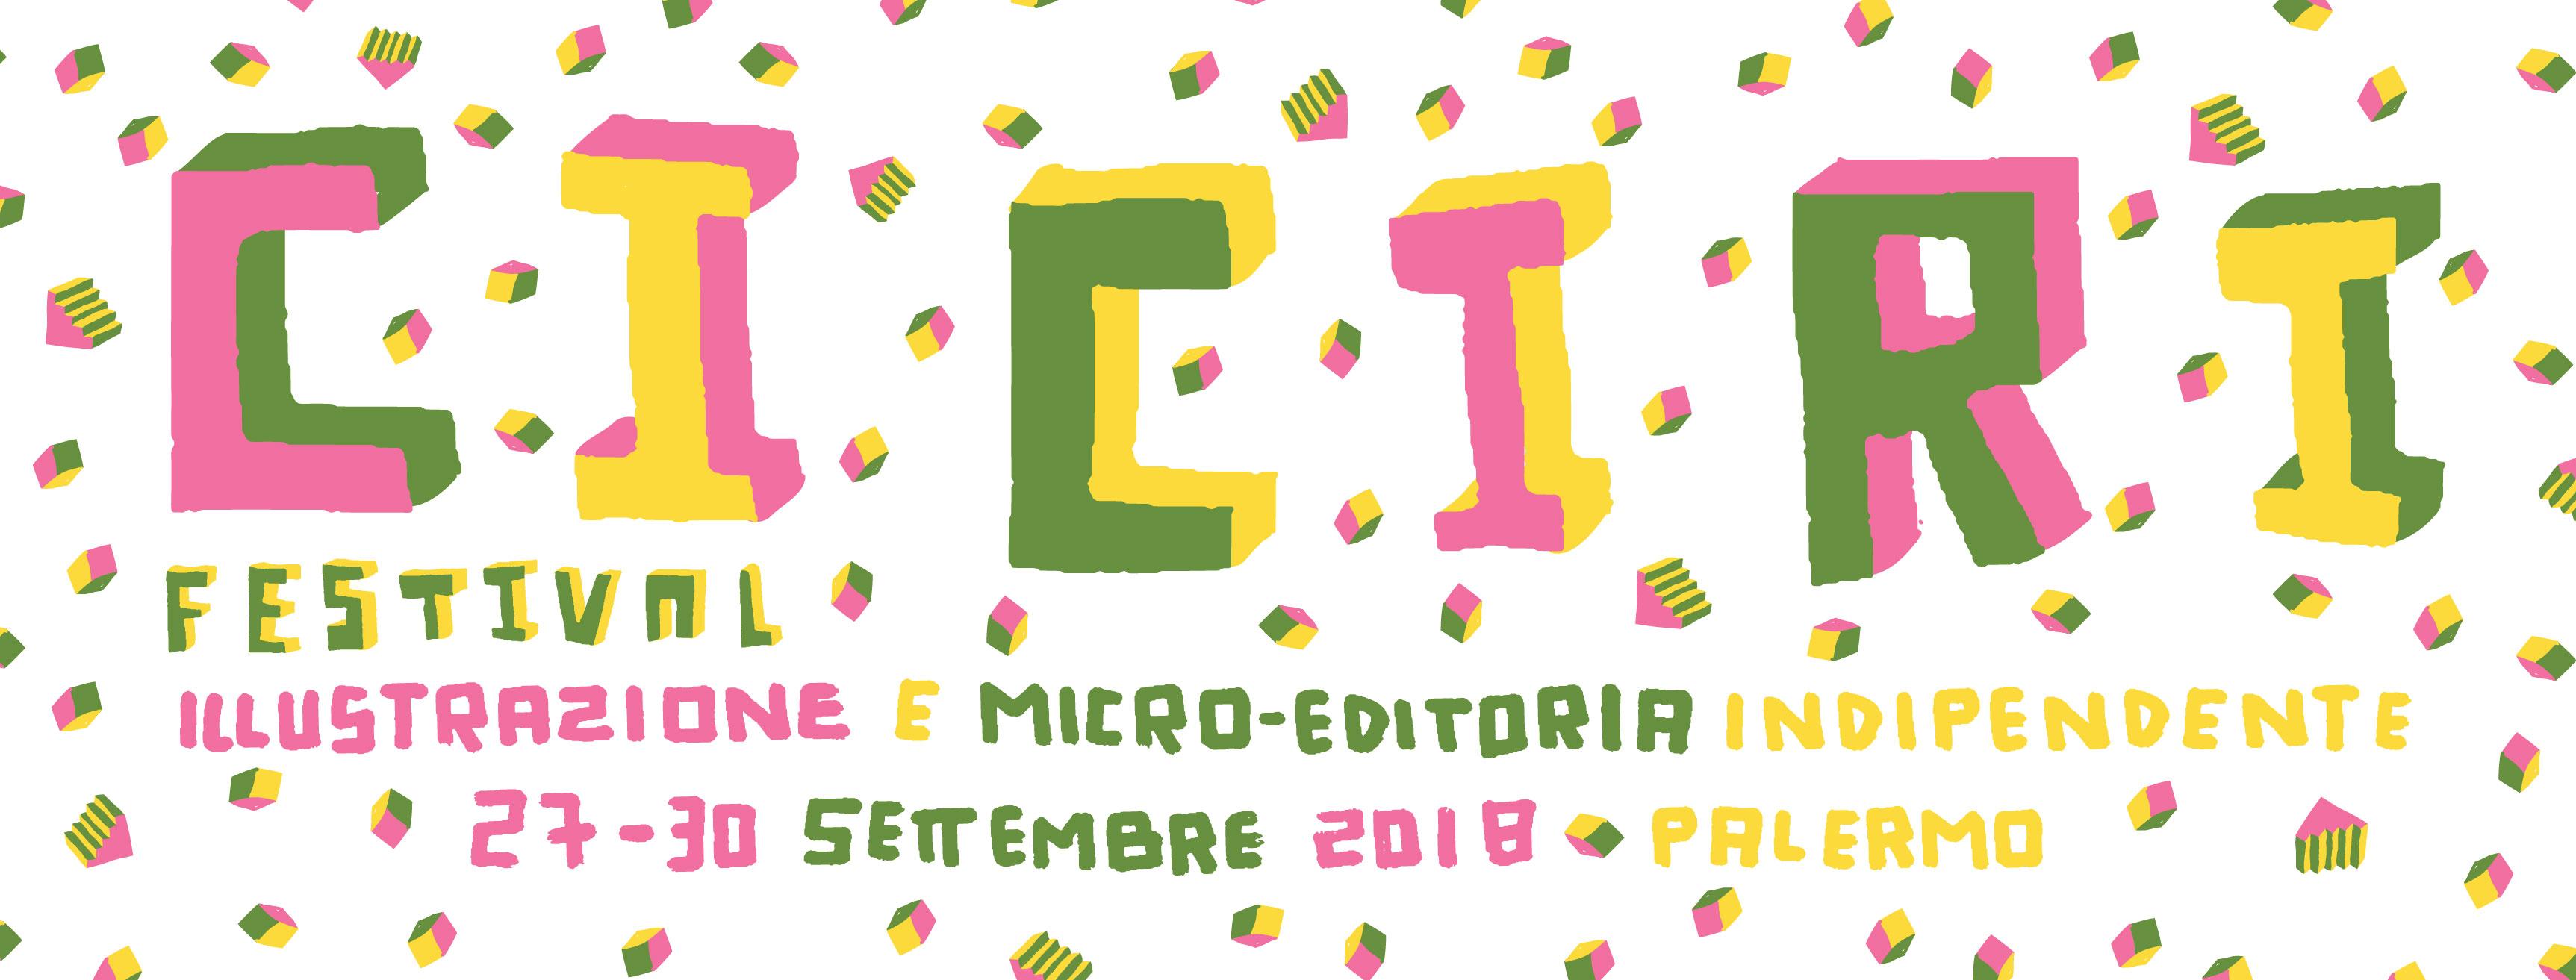 CiCiRi – Festival di Illustrazione Grafica e Microeditoria indipendente